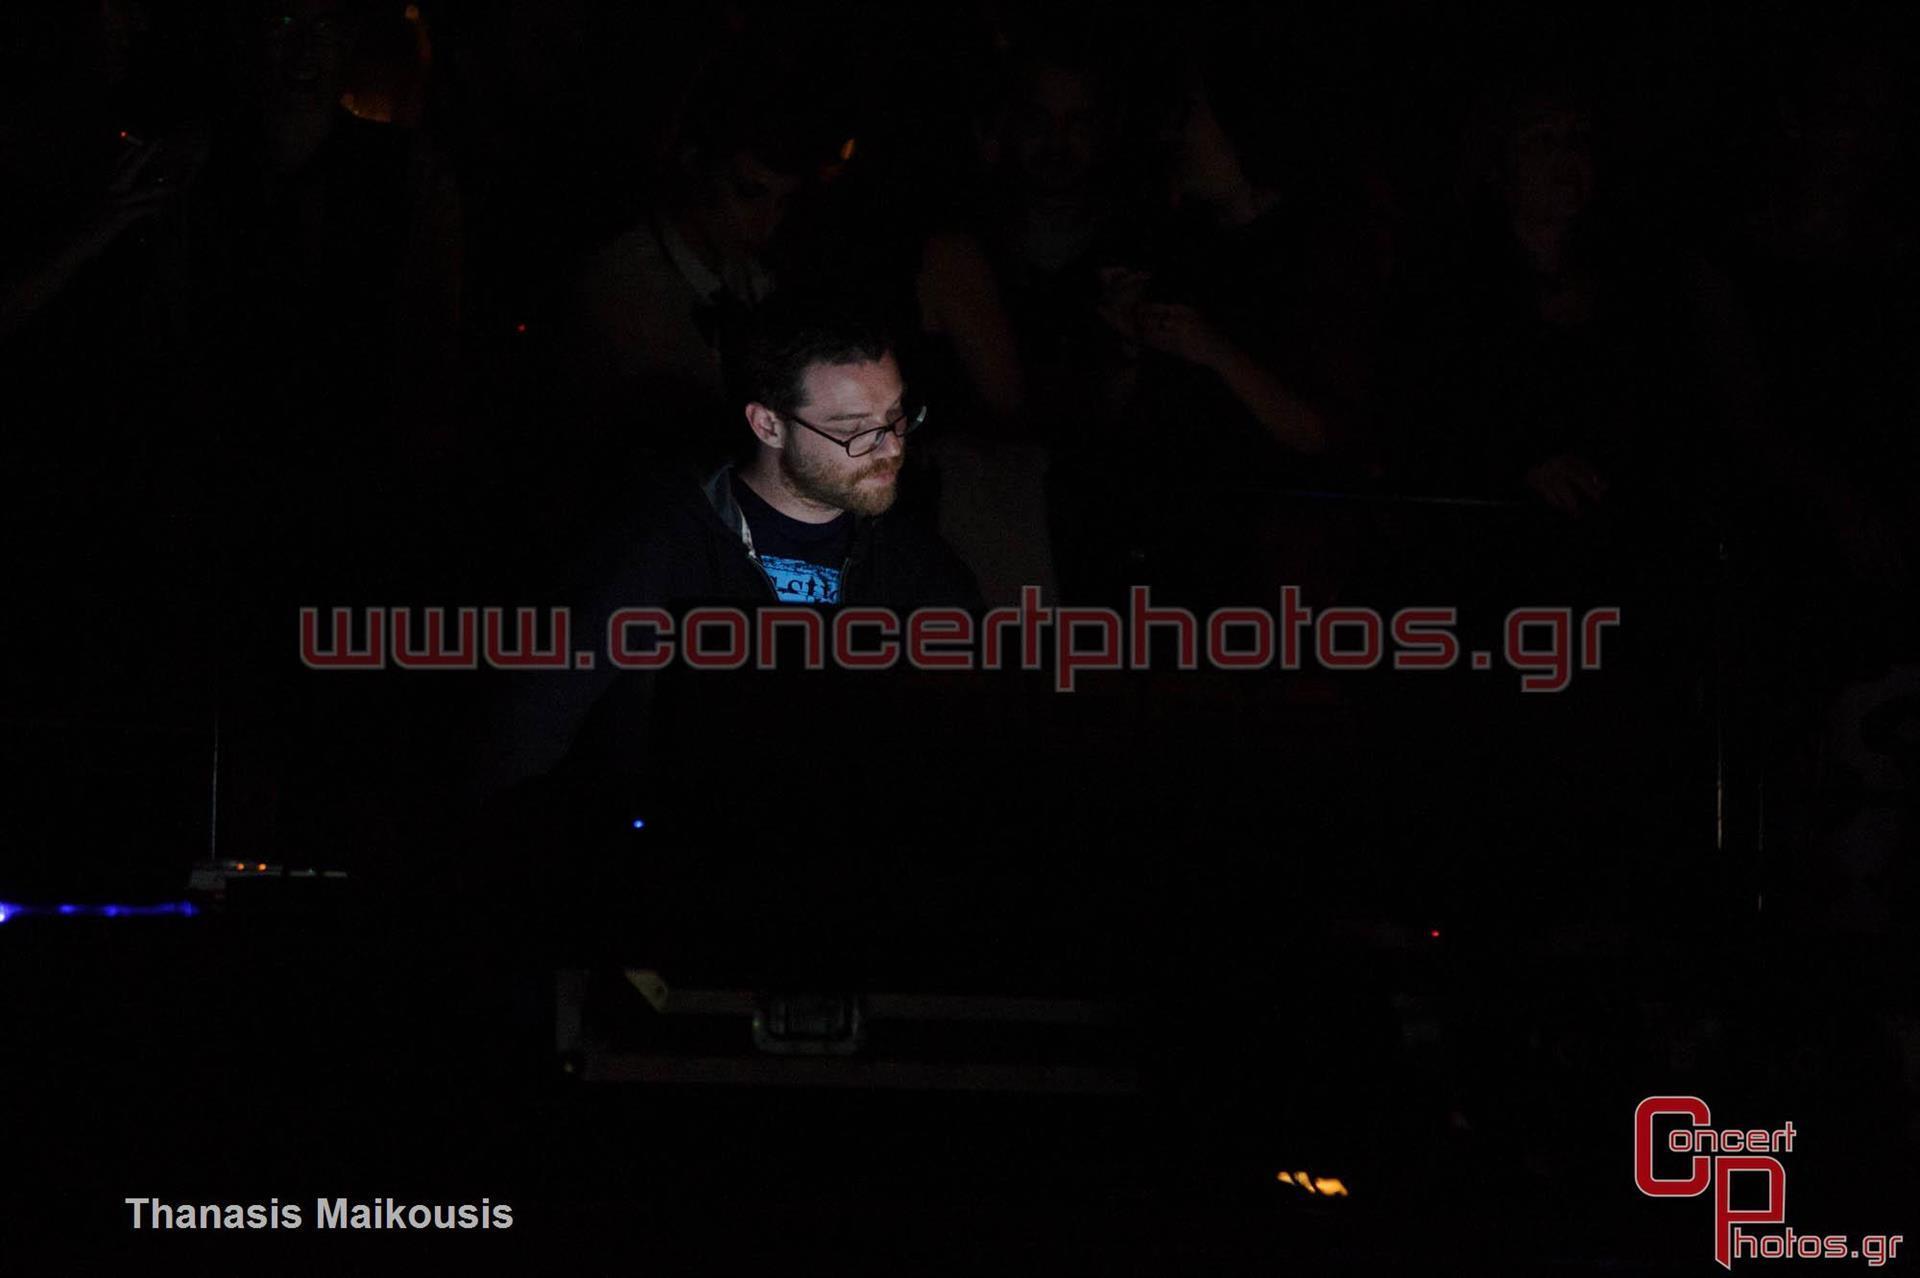 Wax Tailor - photographer: Thanasis Maikousis - ConcertPhotos-8214